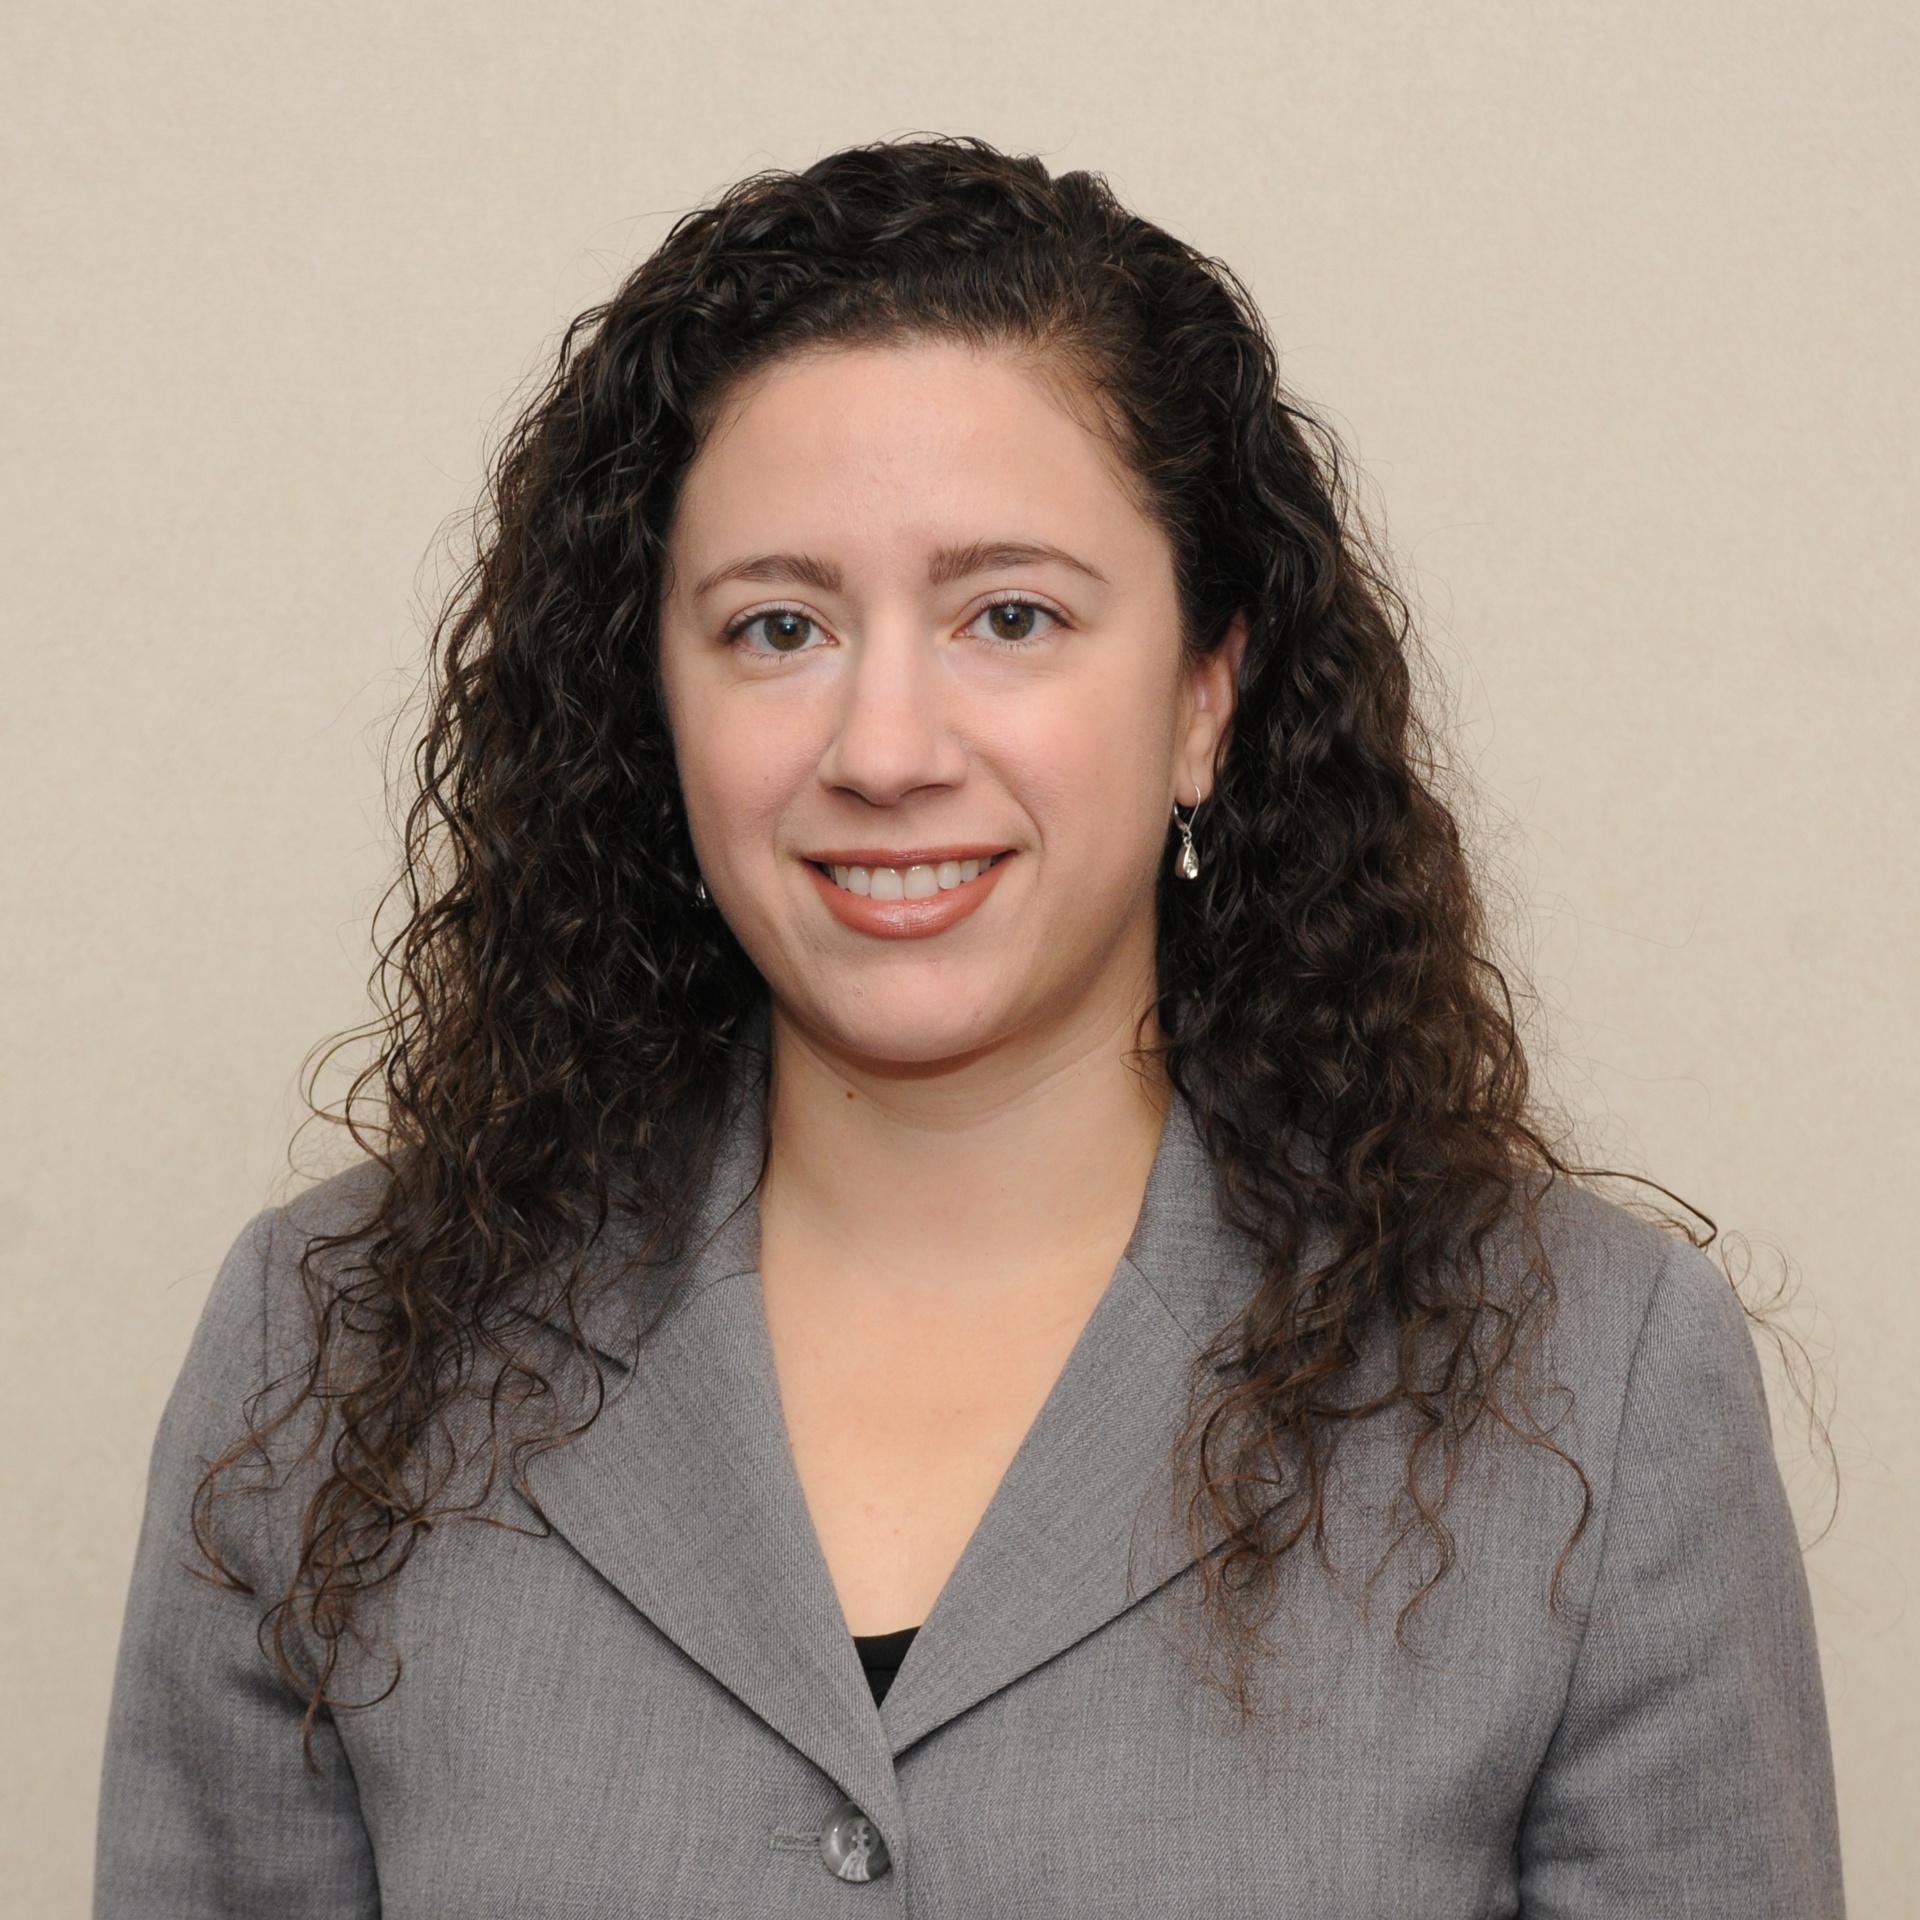 Veronica Sanchez Peavey